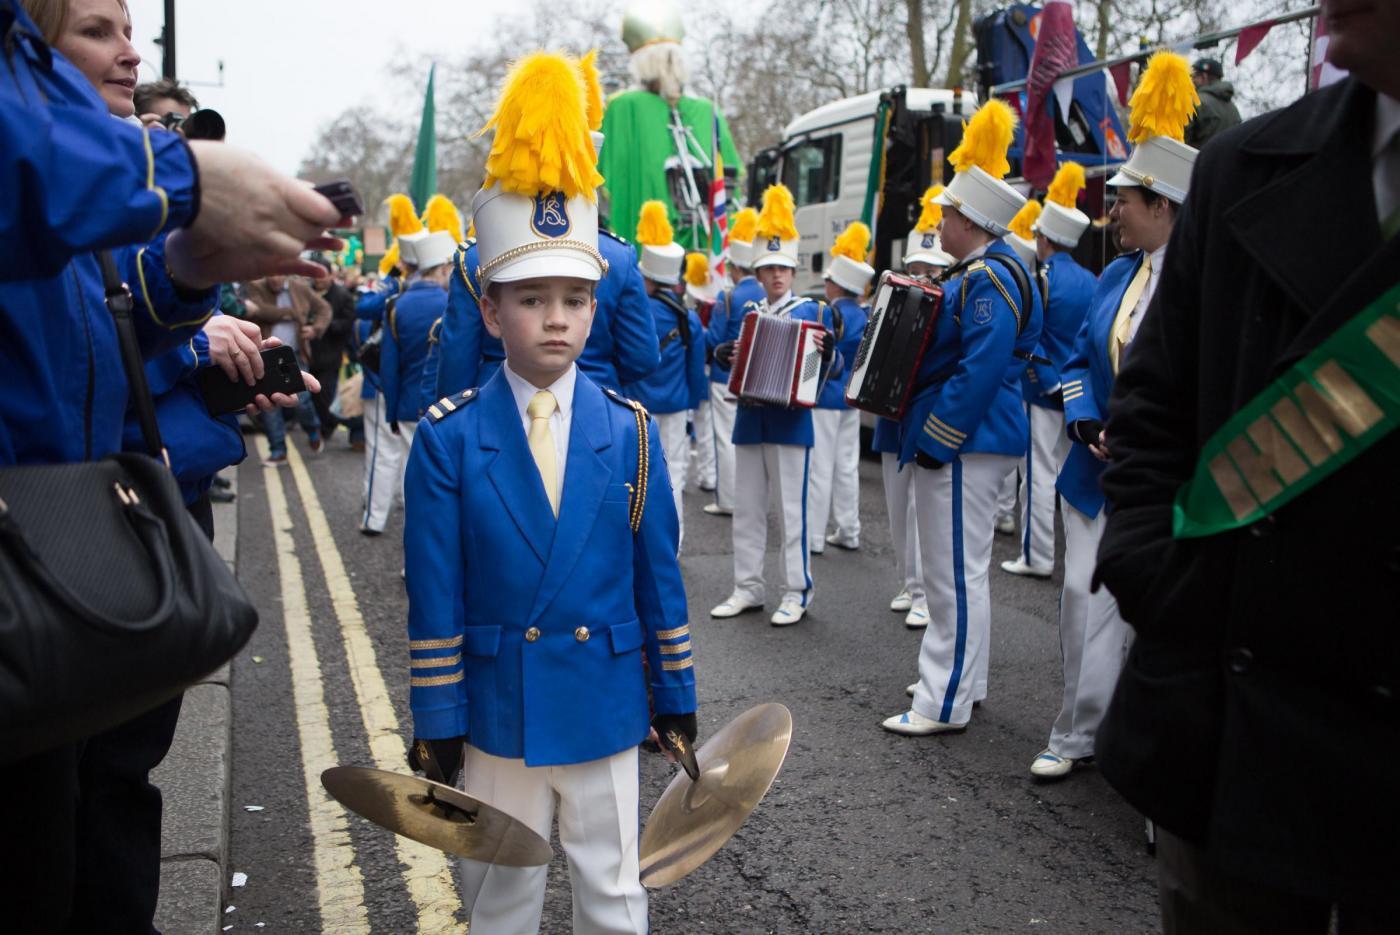 St patrick 39 s day 2019 a dublino la parata per il patrono - San patrizio per i bambini ...